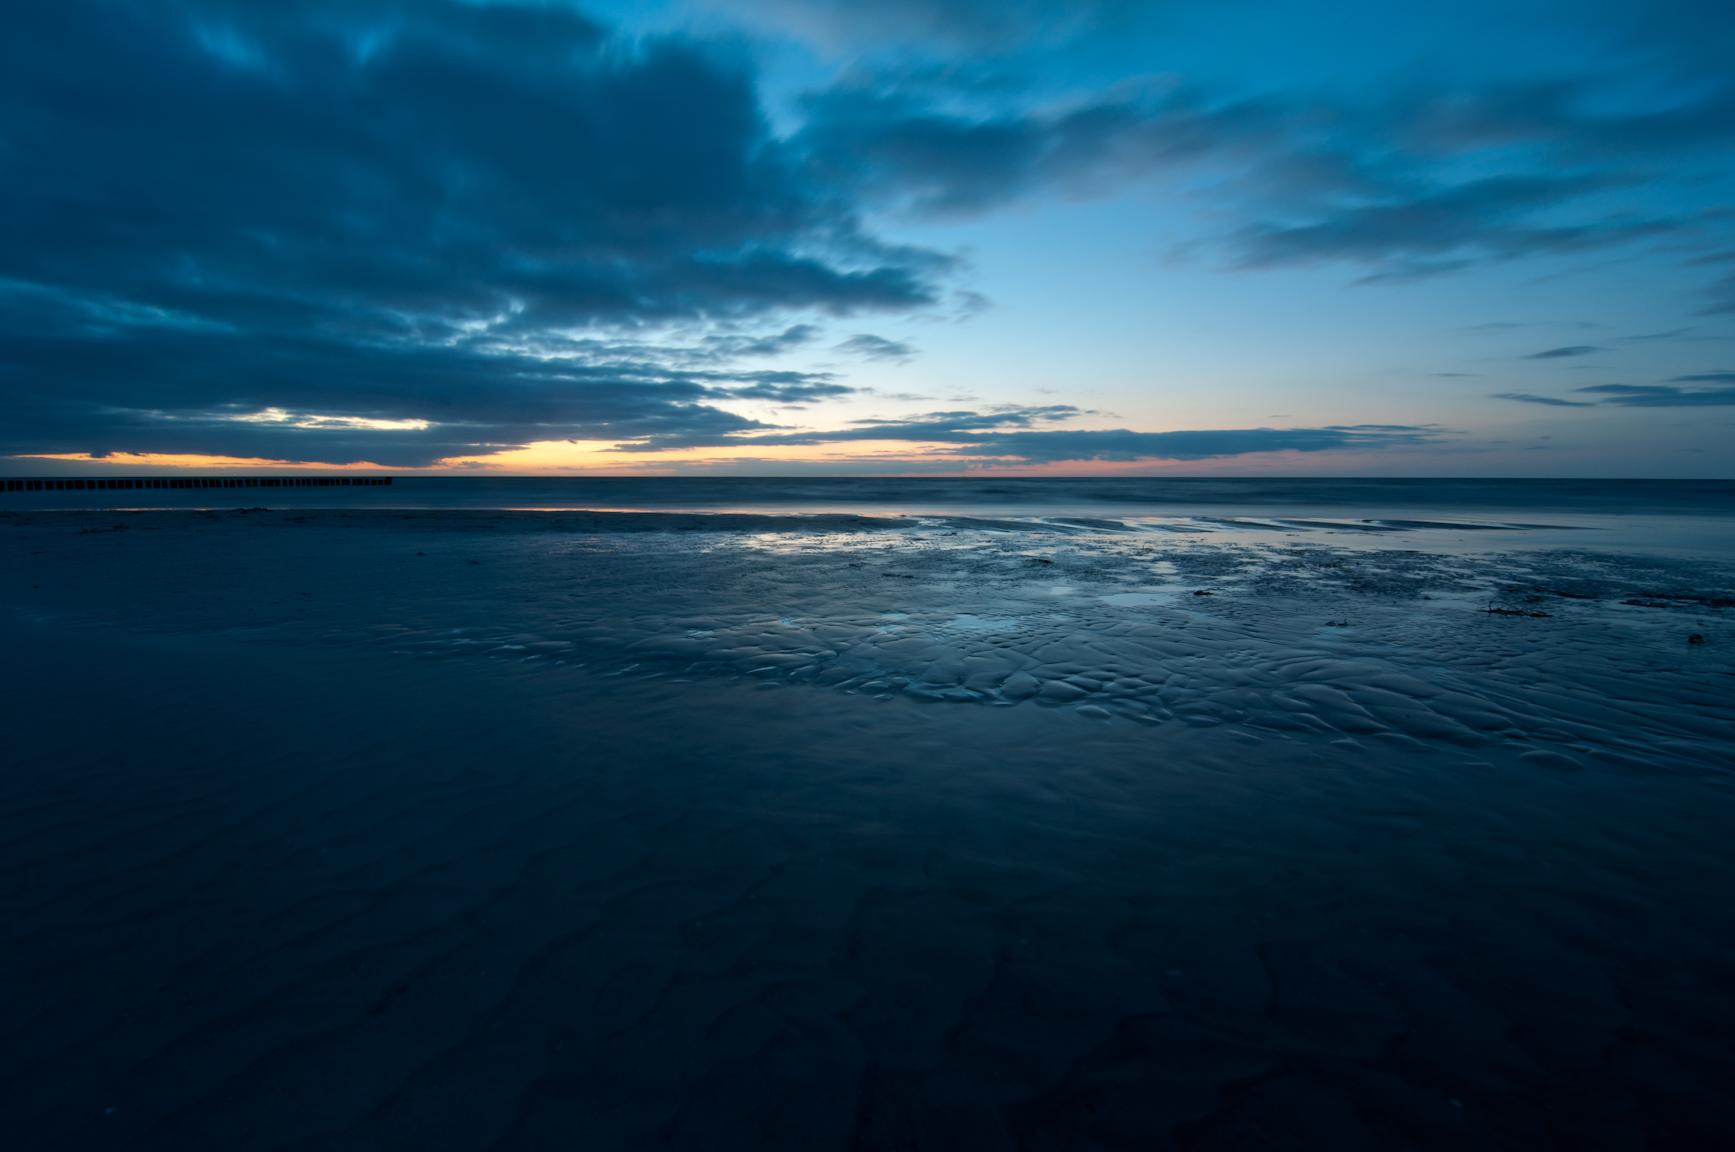 Insel Poel, Nach dem Sonnenuntergang